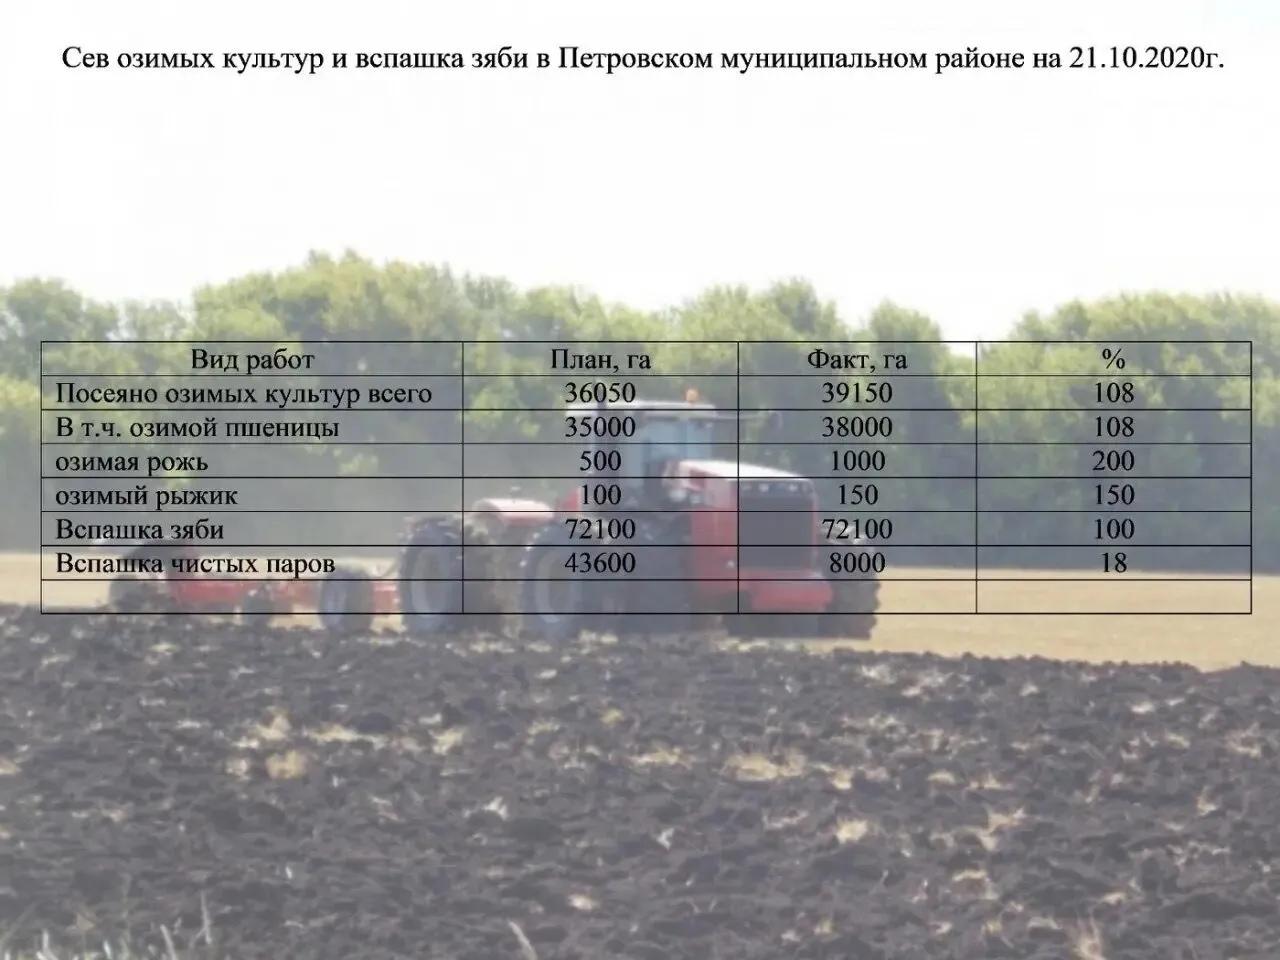 Аграрии Петровского района продолжают осенне-полевые работы